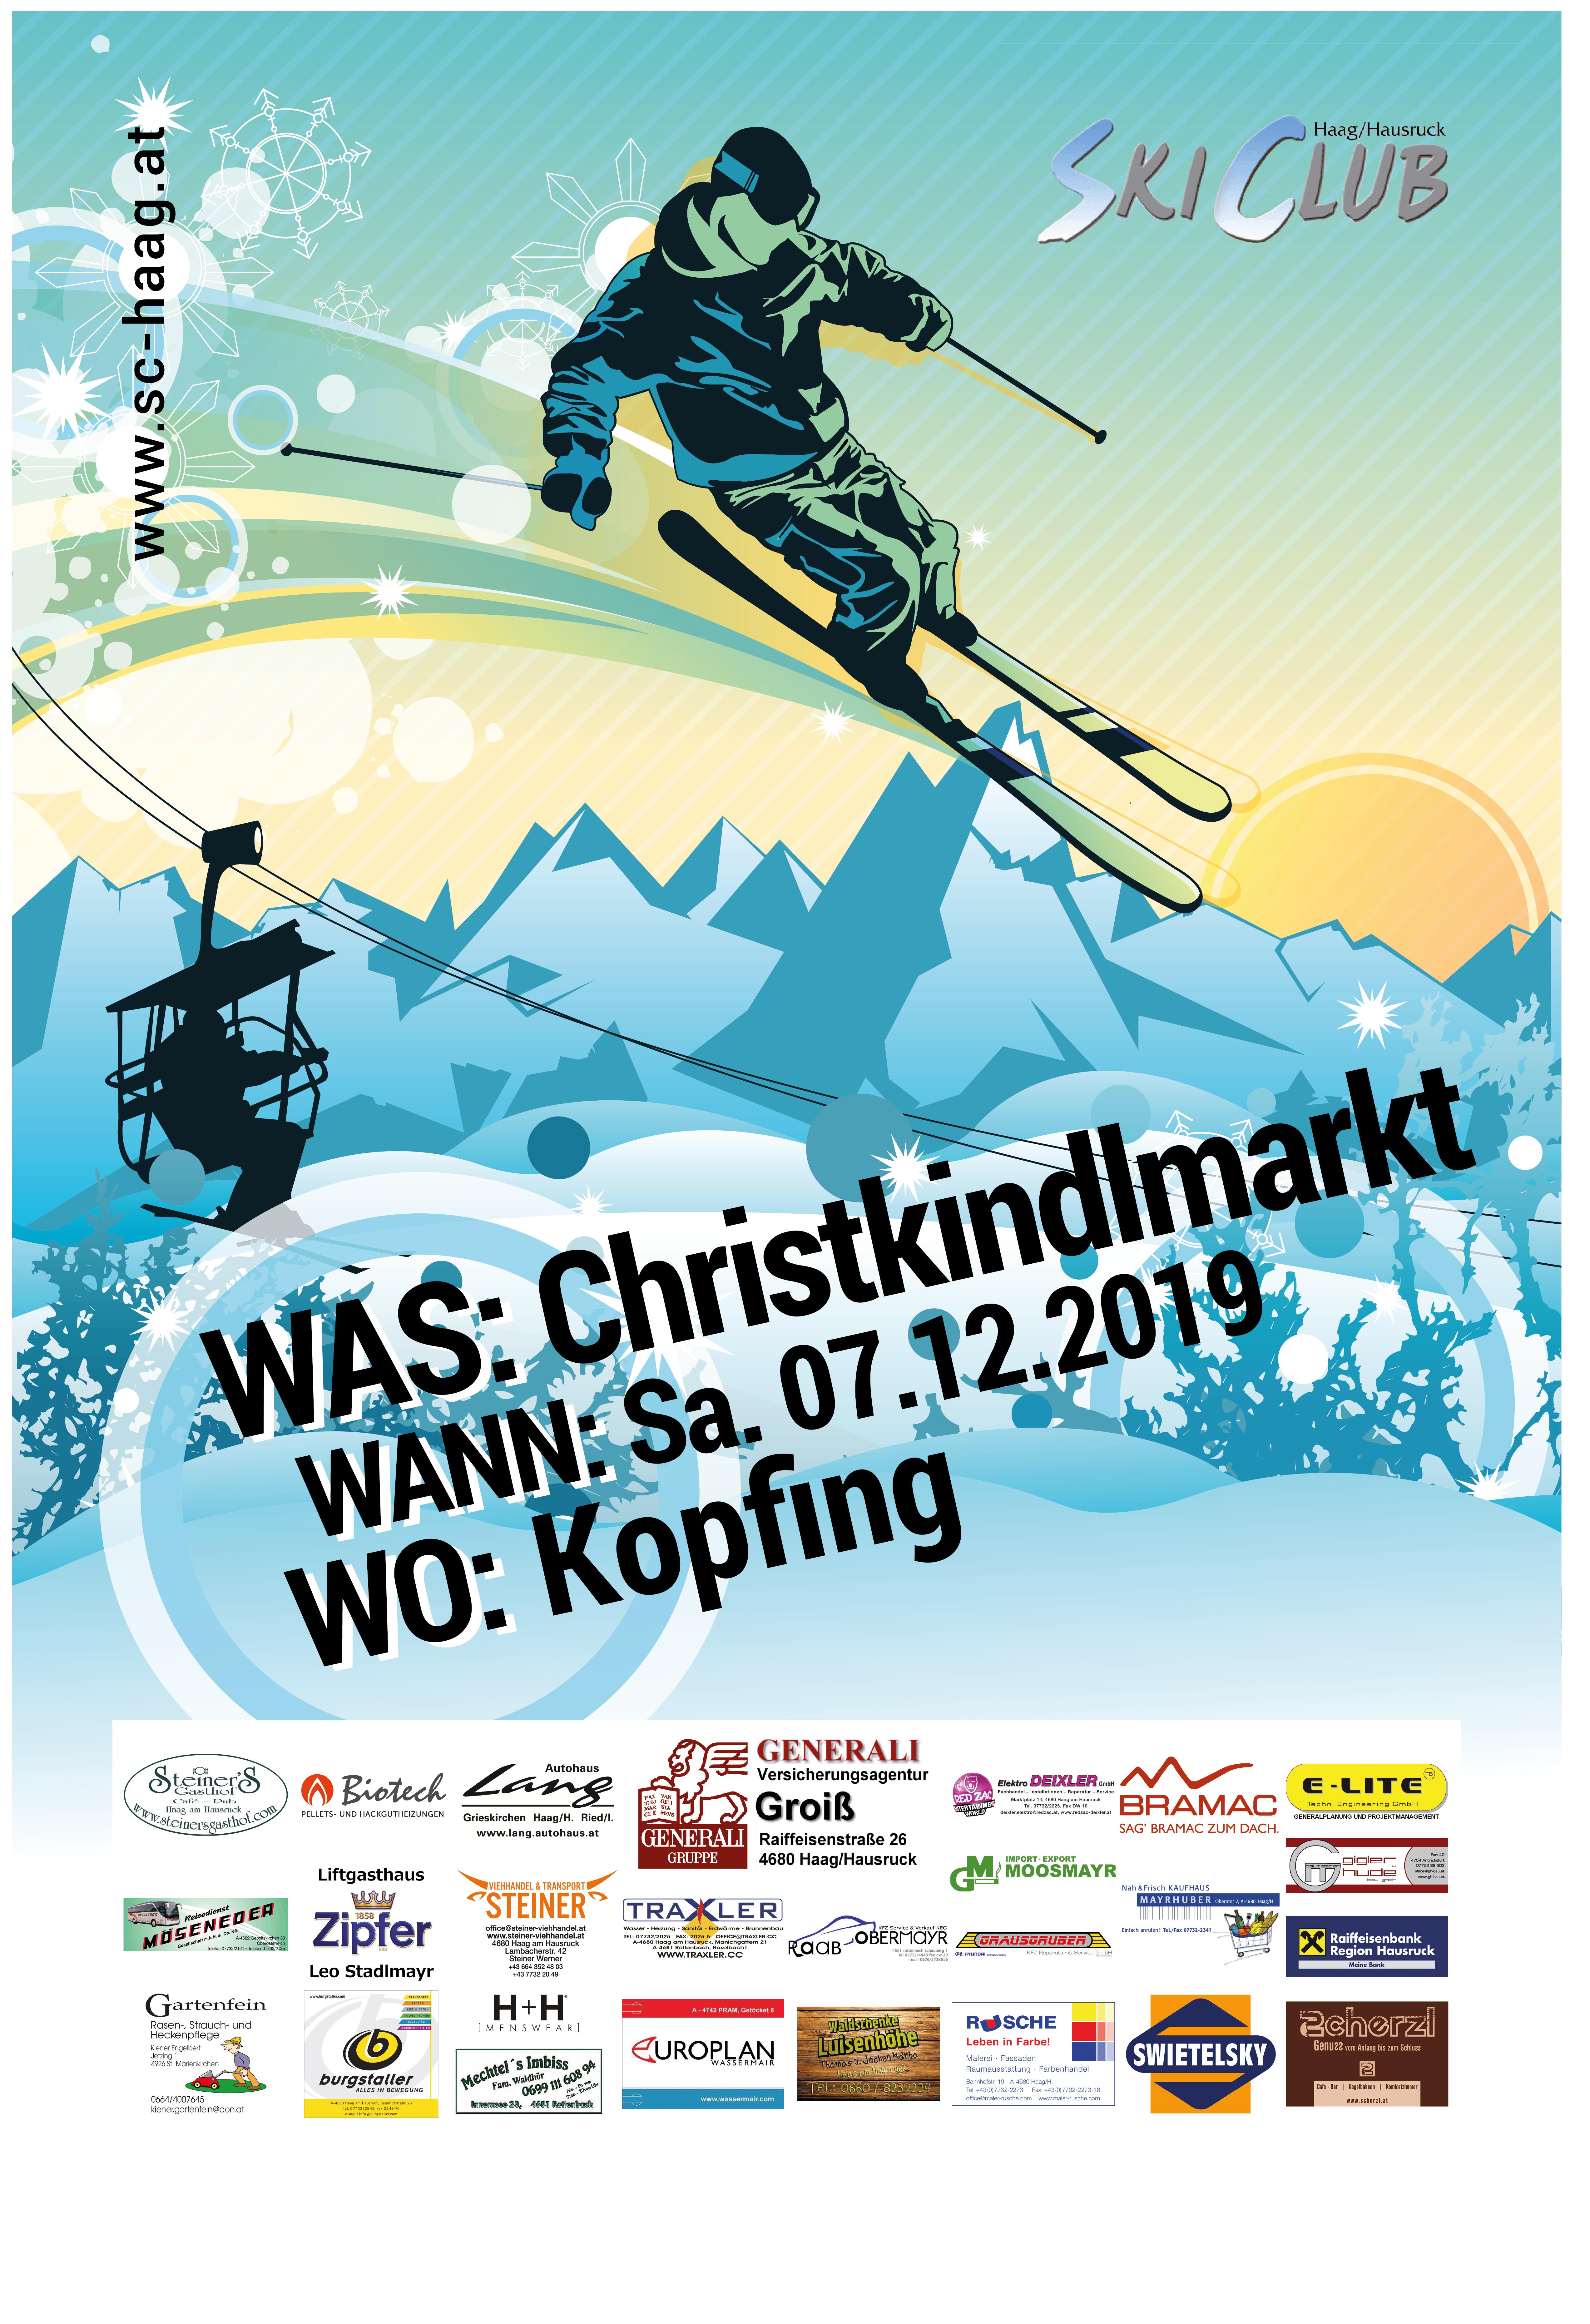 Christkindlmarkt Kofping 2019